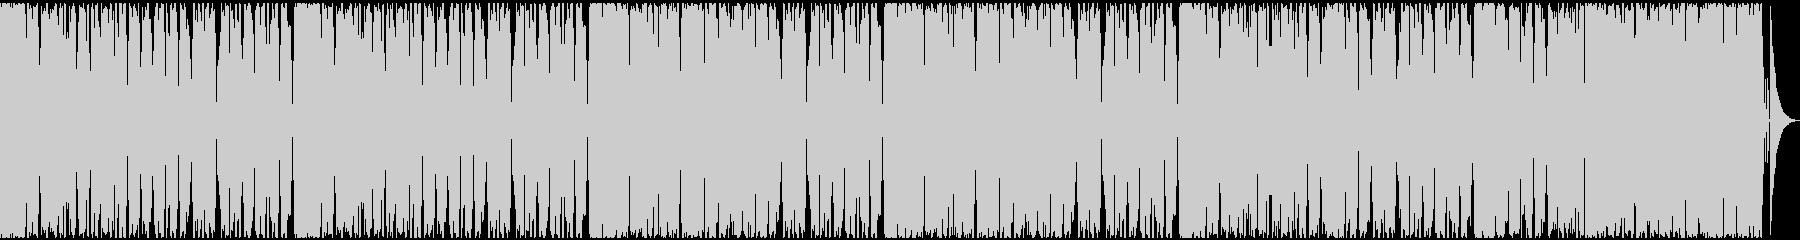 【フューチャーベース】ロング1の未再生の波形